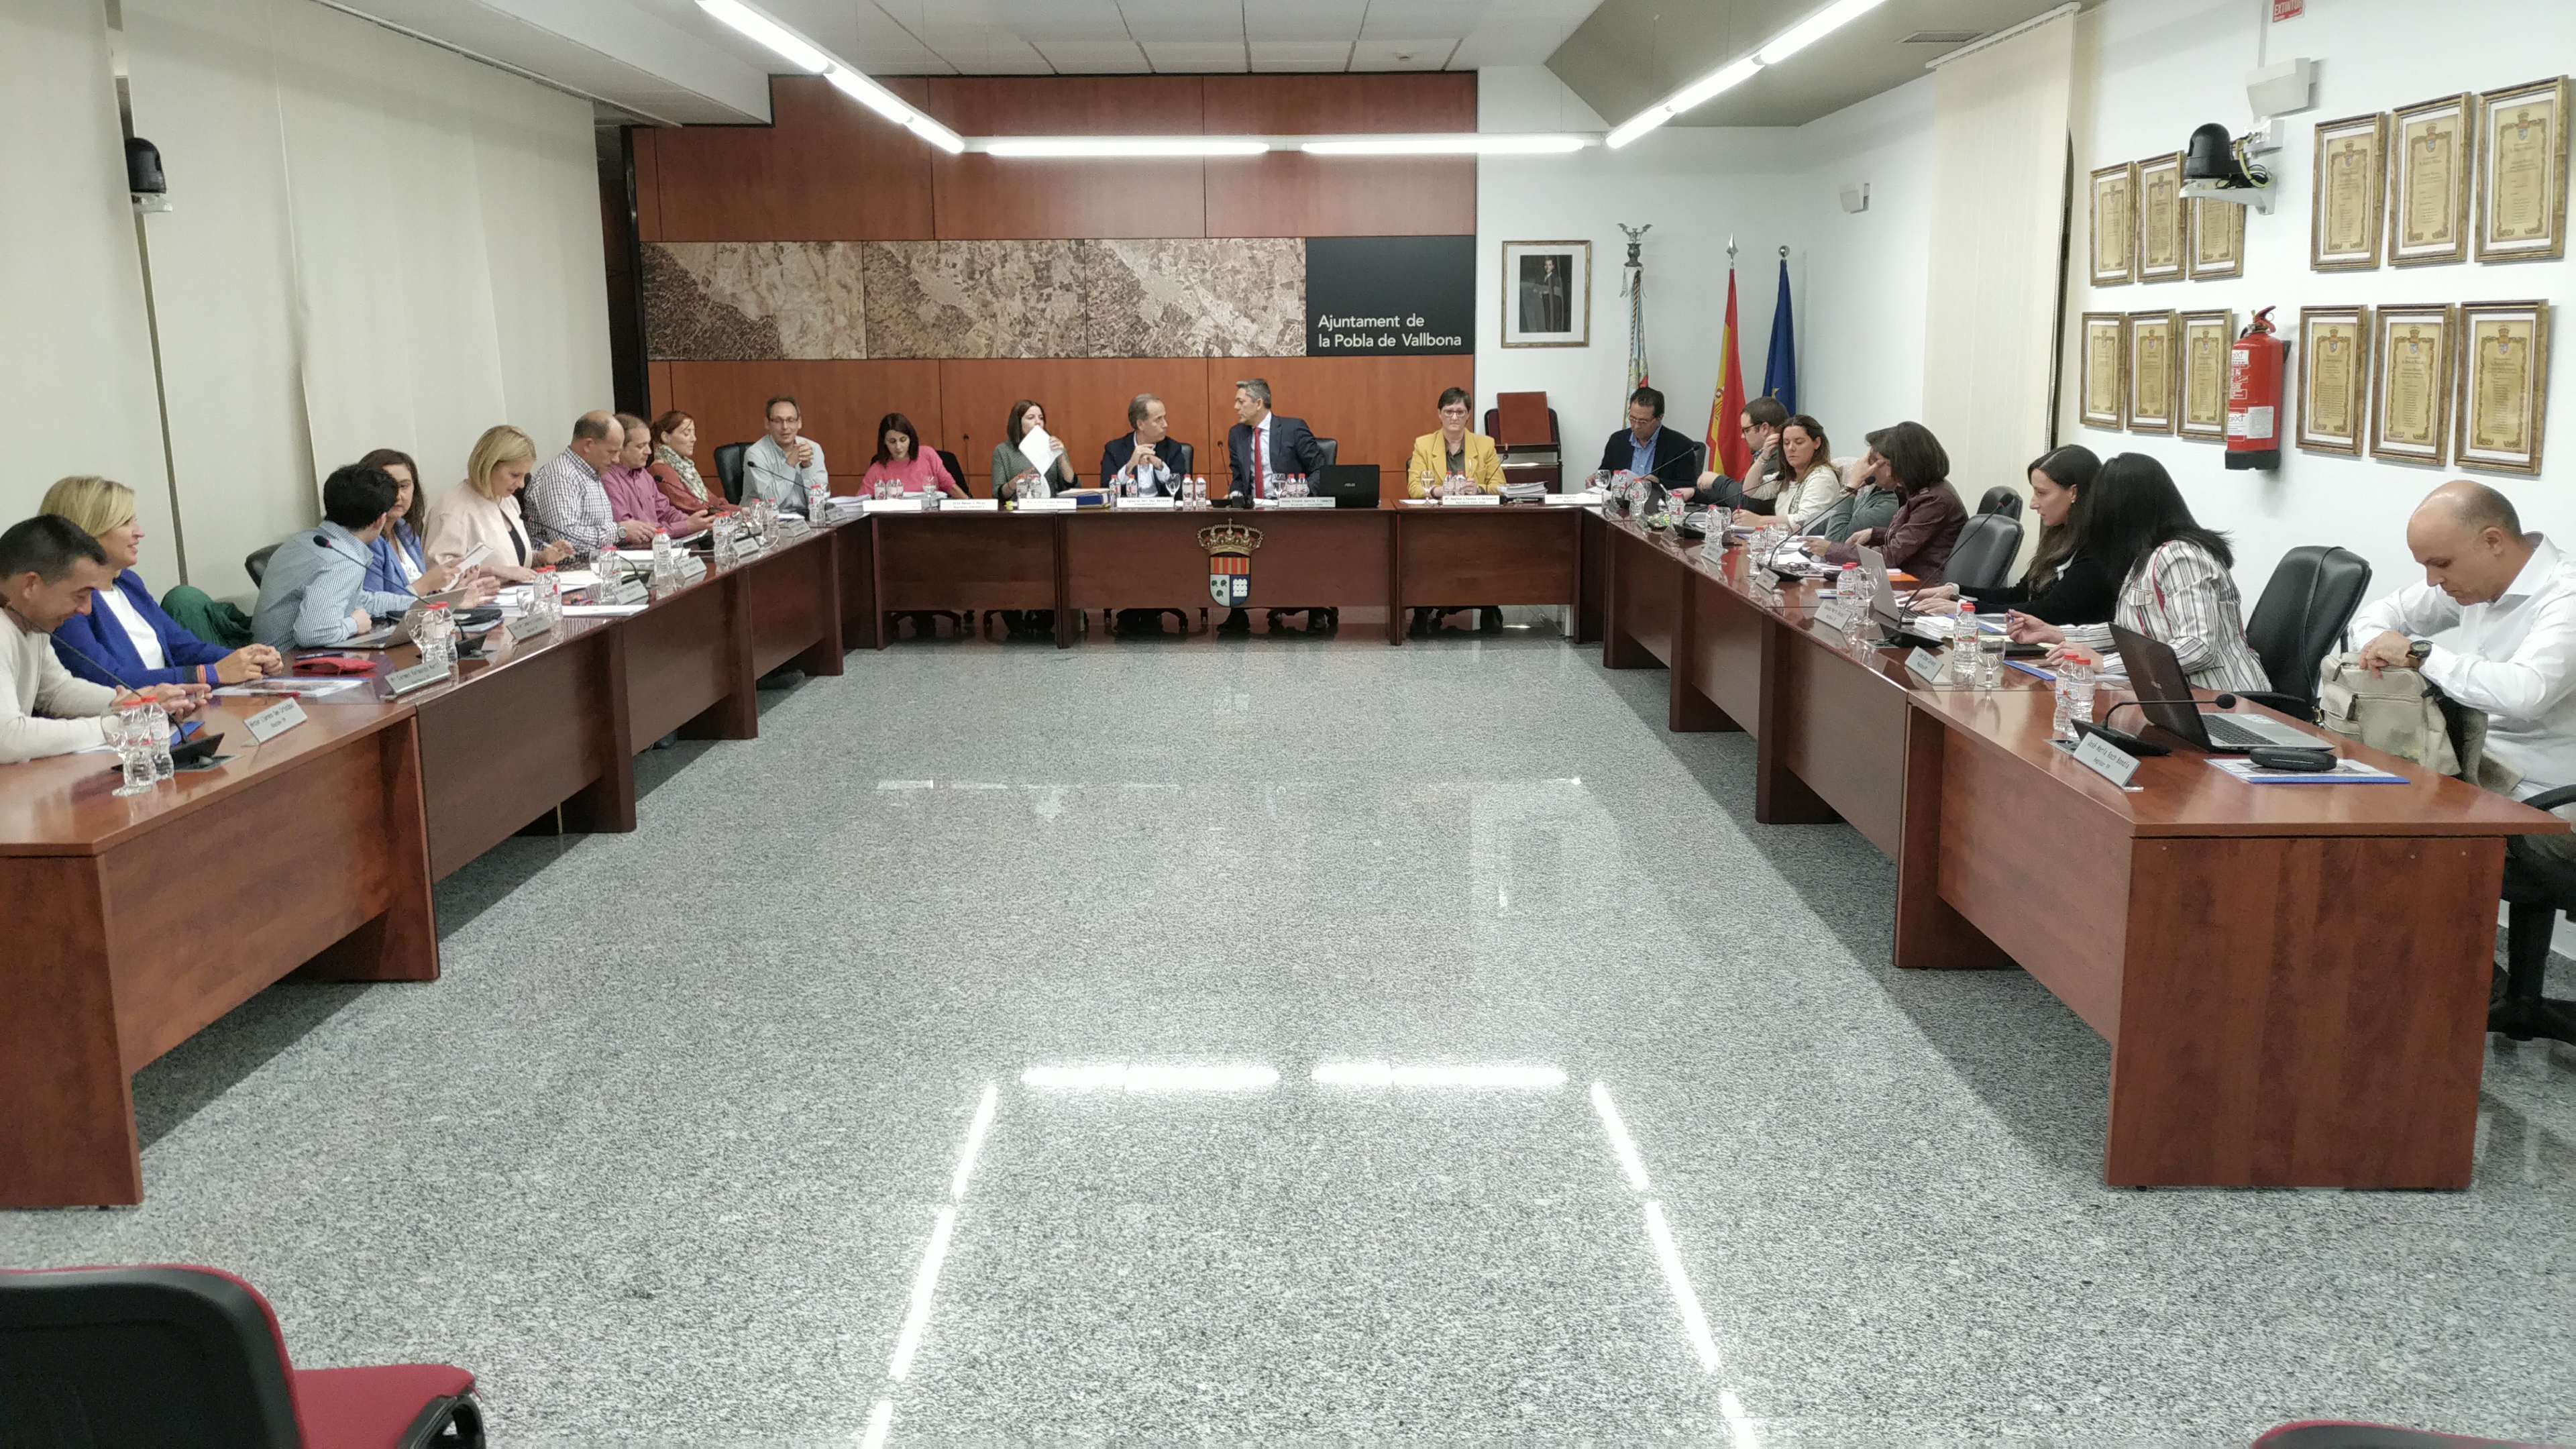 Des de l'equip de govern es va destacar la importància d'implicar a la ciutadania en la presa de decisions.